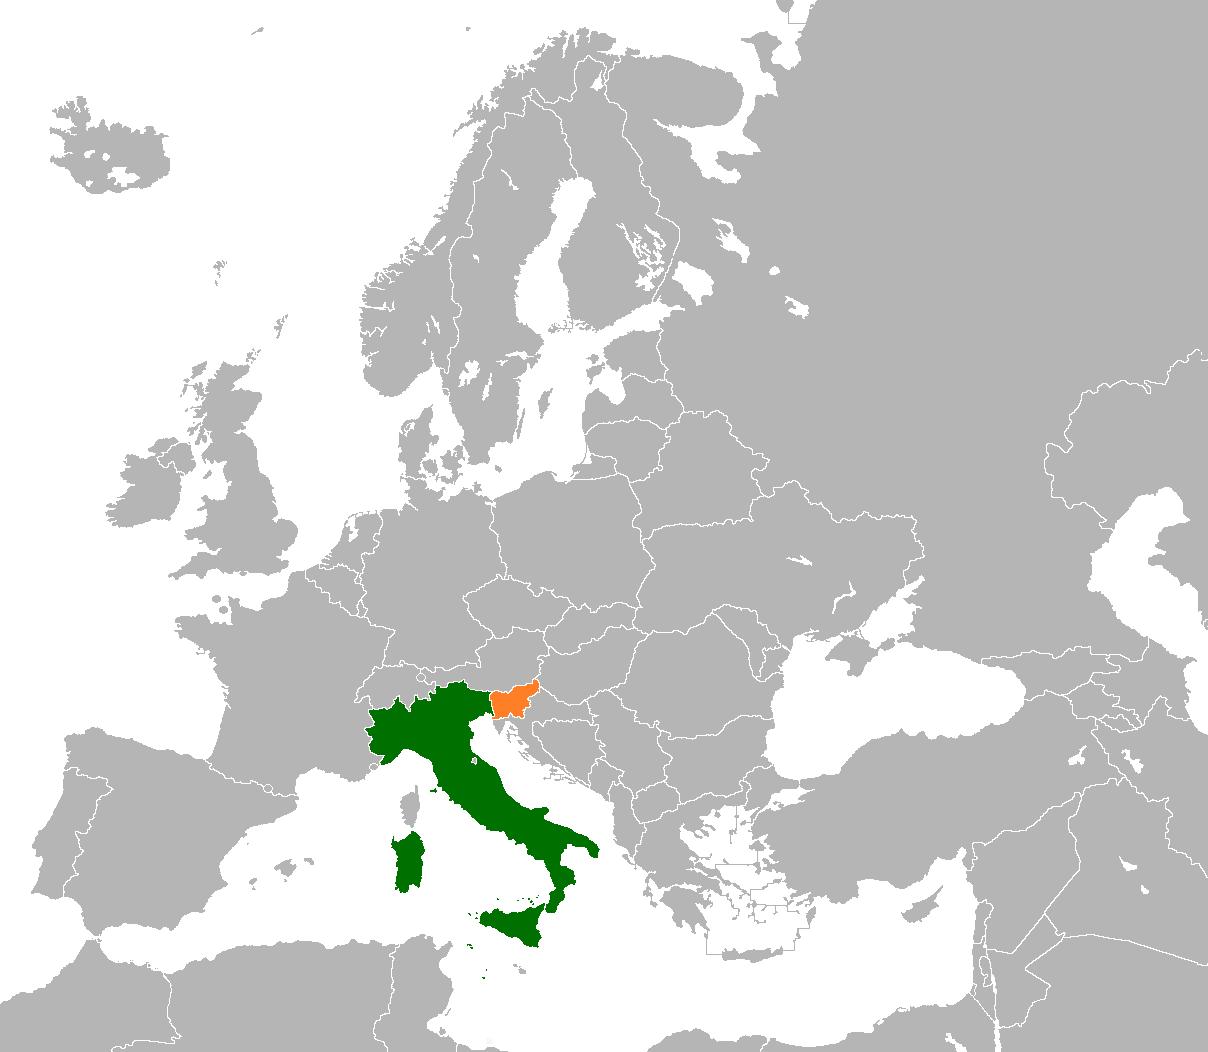 Frontera entre Eslovenia e Italia - Wikipedia, la enciclopedia libre